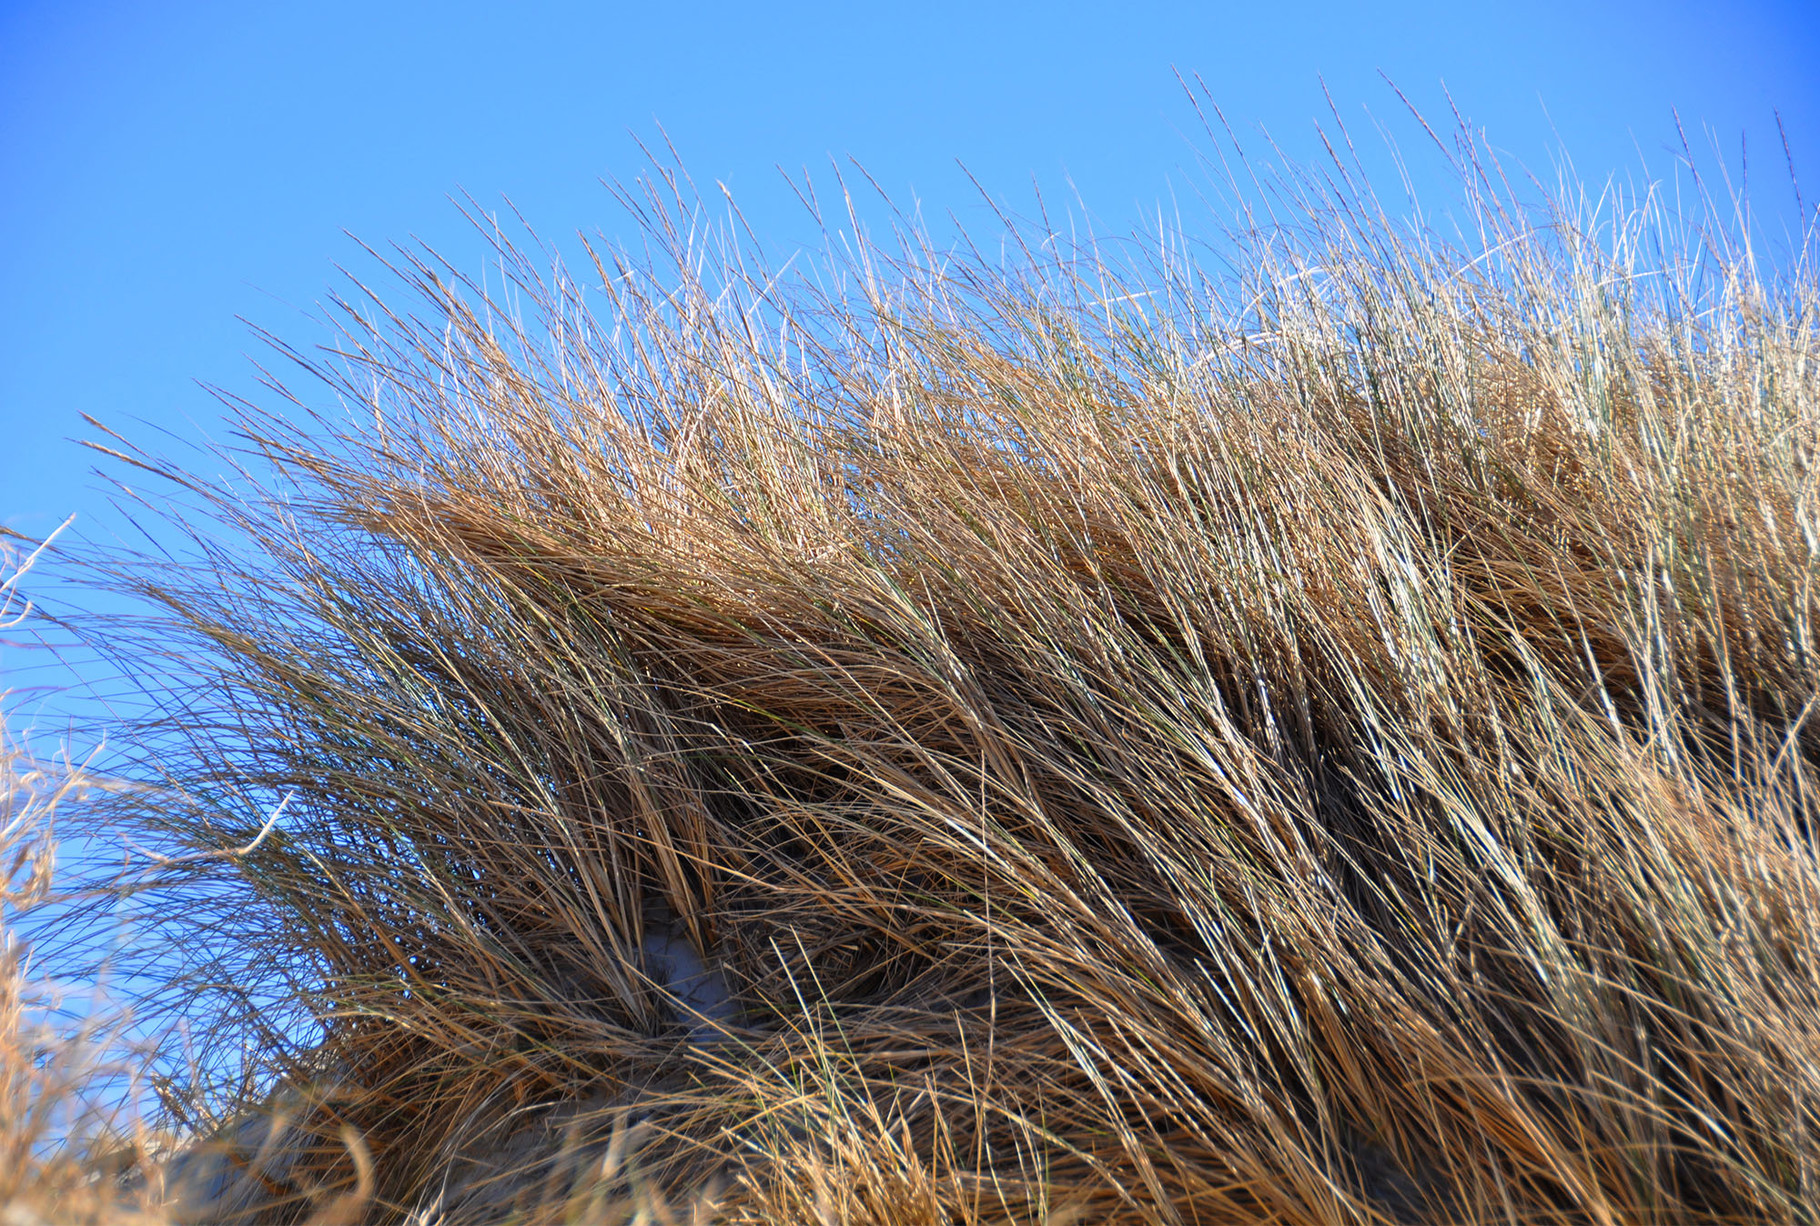 Haare oder Düne..., das ist hier die Frage